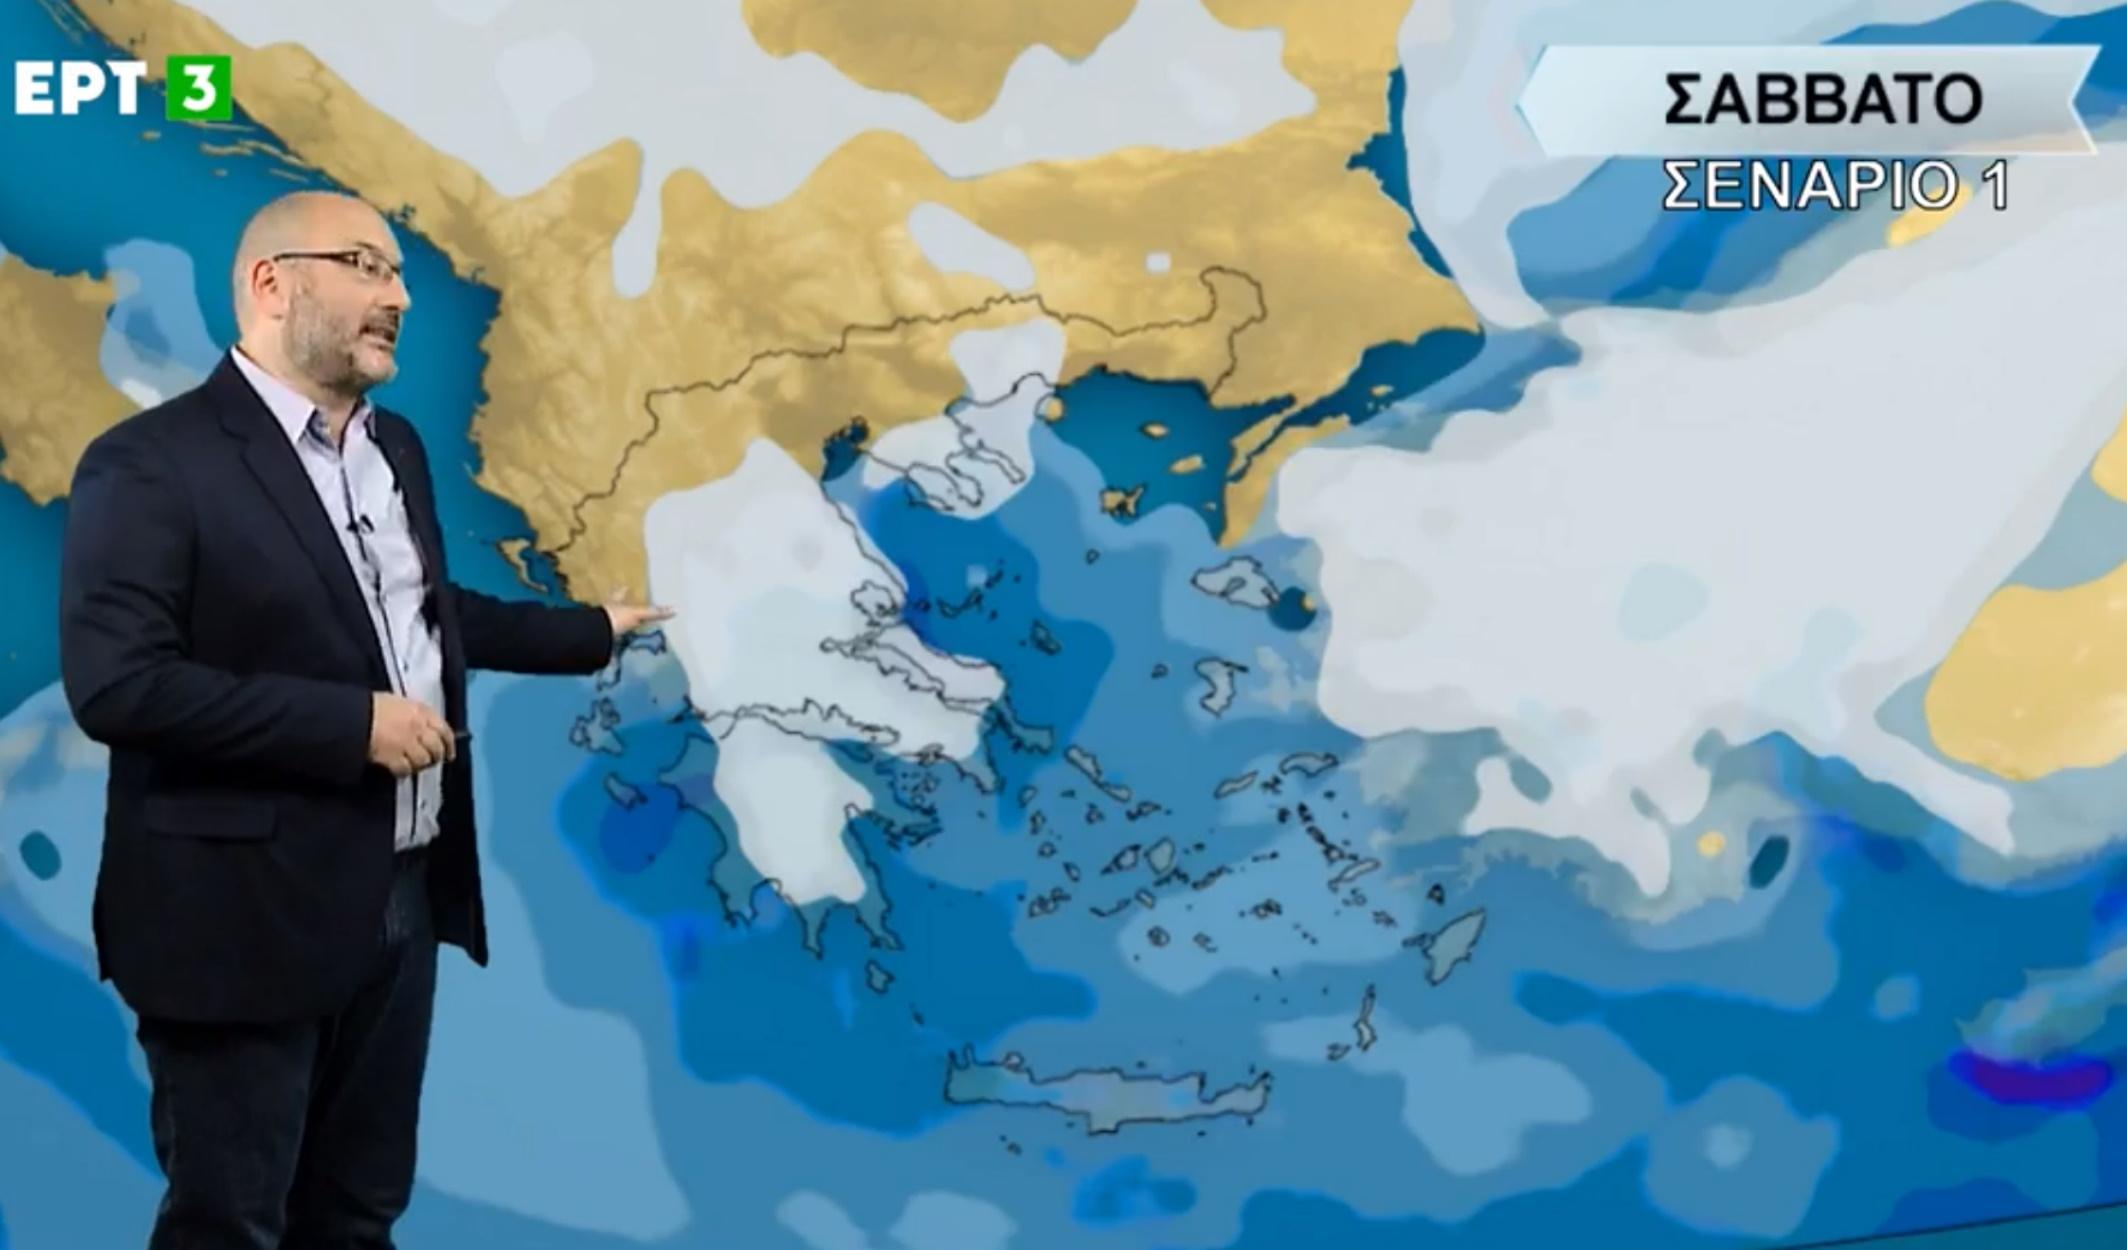 Καιρός – Αρναούτογλου: Που θα χιονίσει τις επόμενες μέρες – Τι δείχνουν τα προγνωστικά μοντέλα